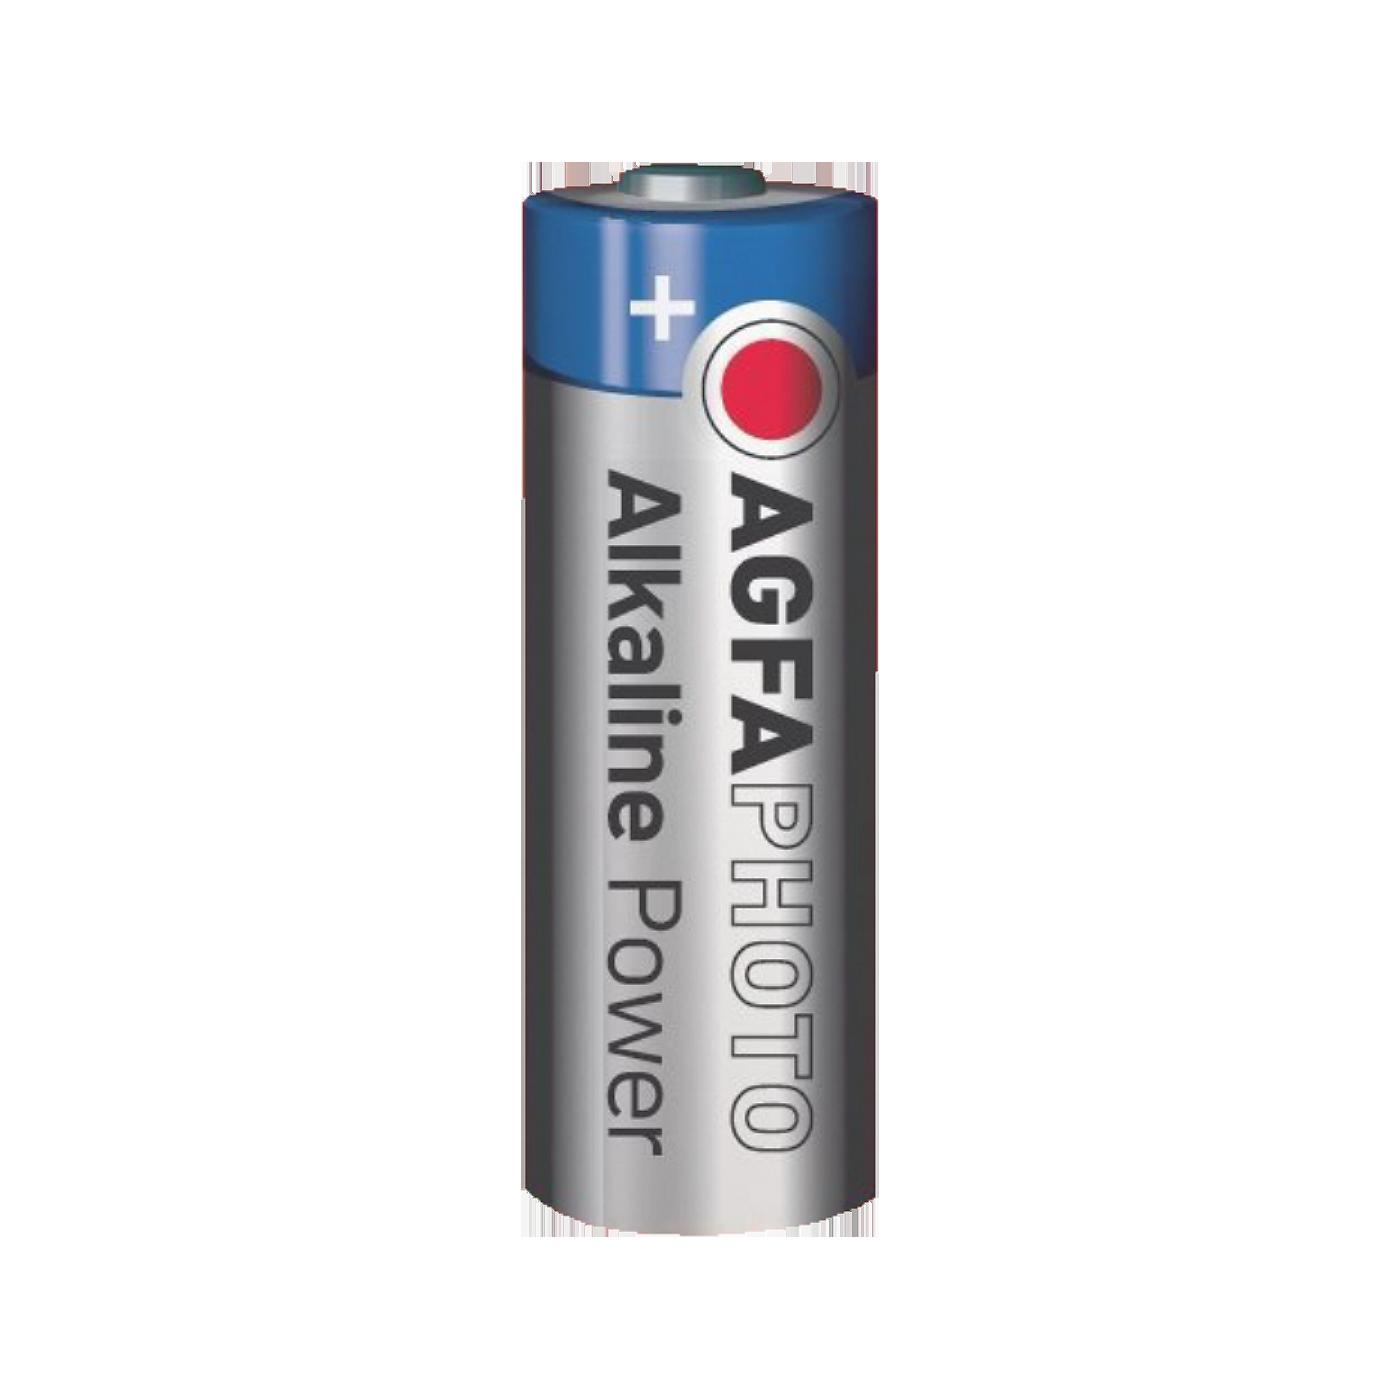 Baterija alkalna, LR23A, 12V, blister pak. 5 kom